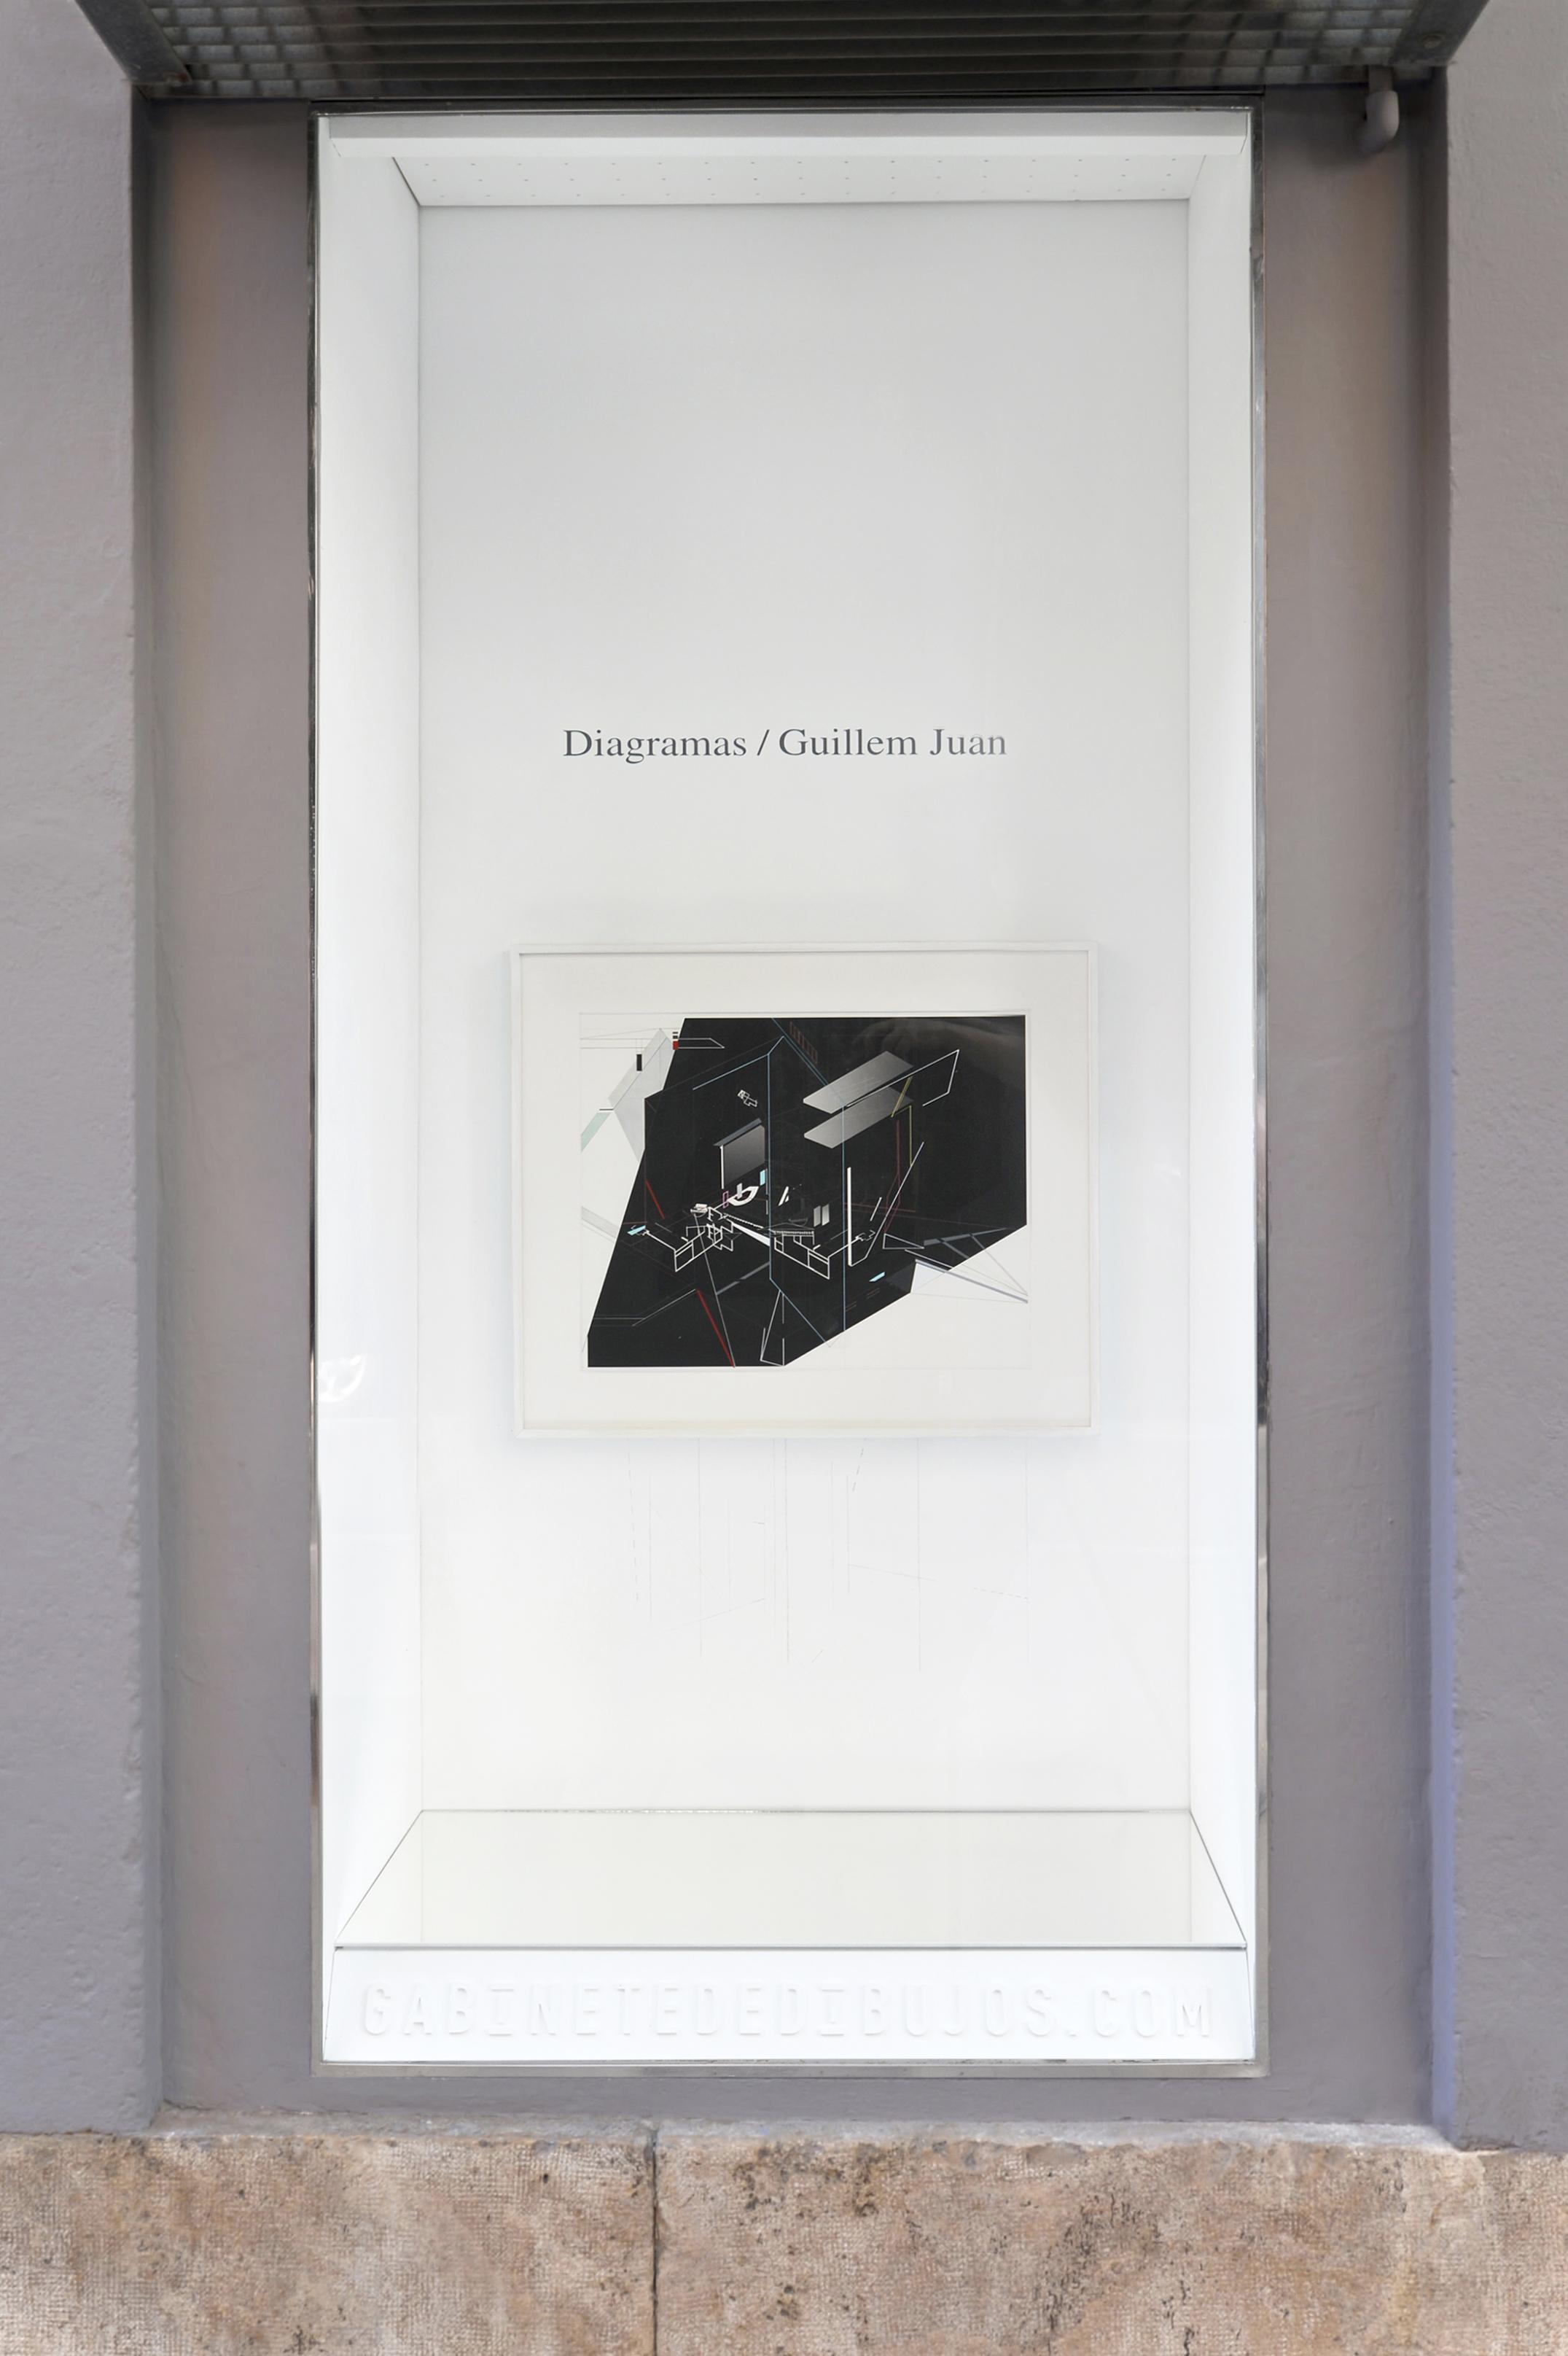 DIAGRAMAS de Guillem Juan en el Gabinete de dibujos